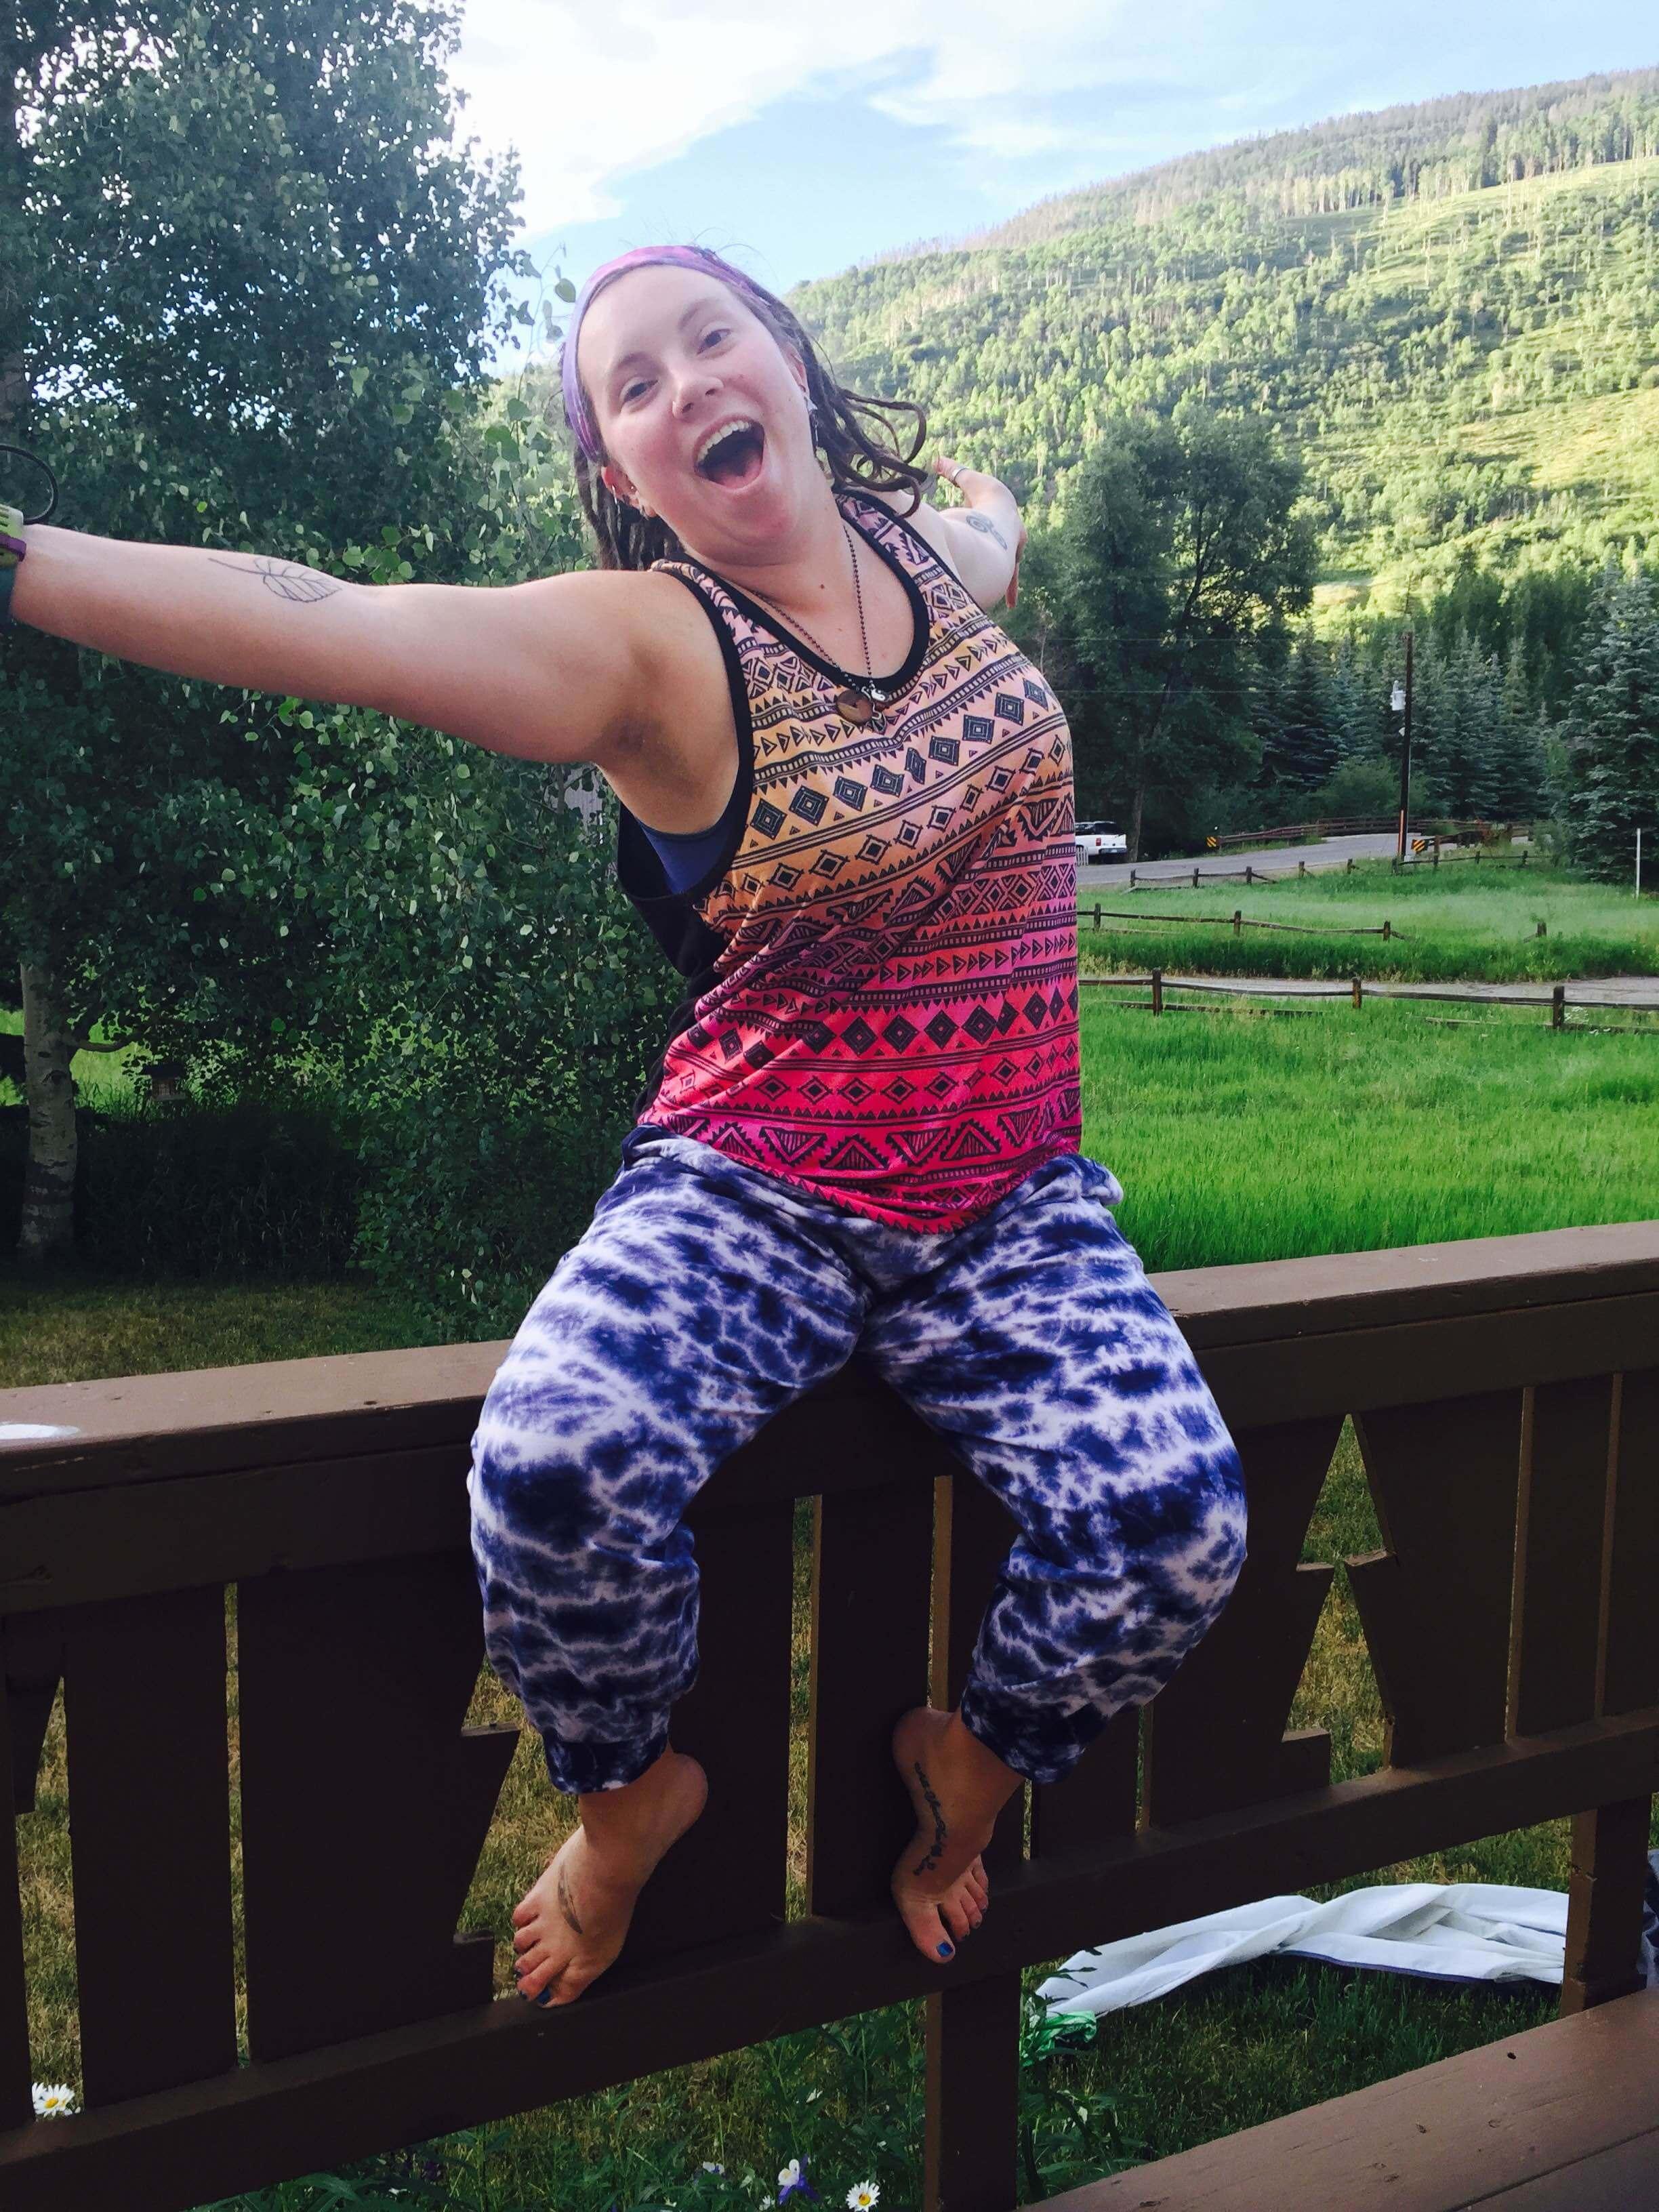 Amanda tie dye harem 2 - Indoor Plumbing for the Gold!